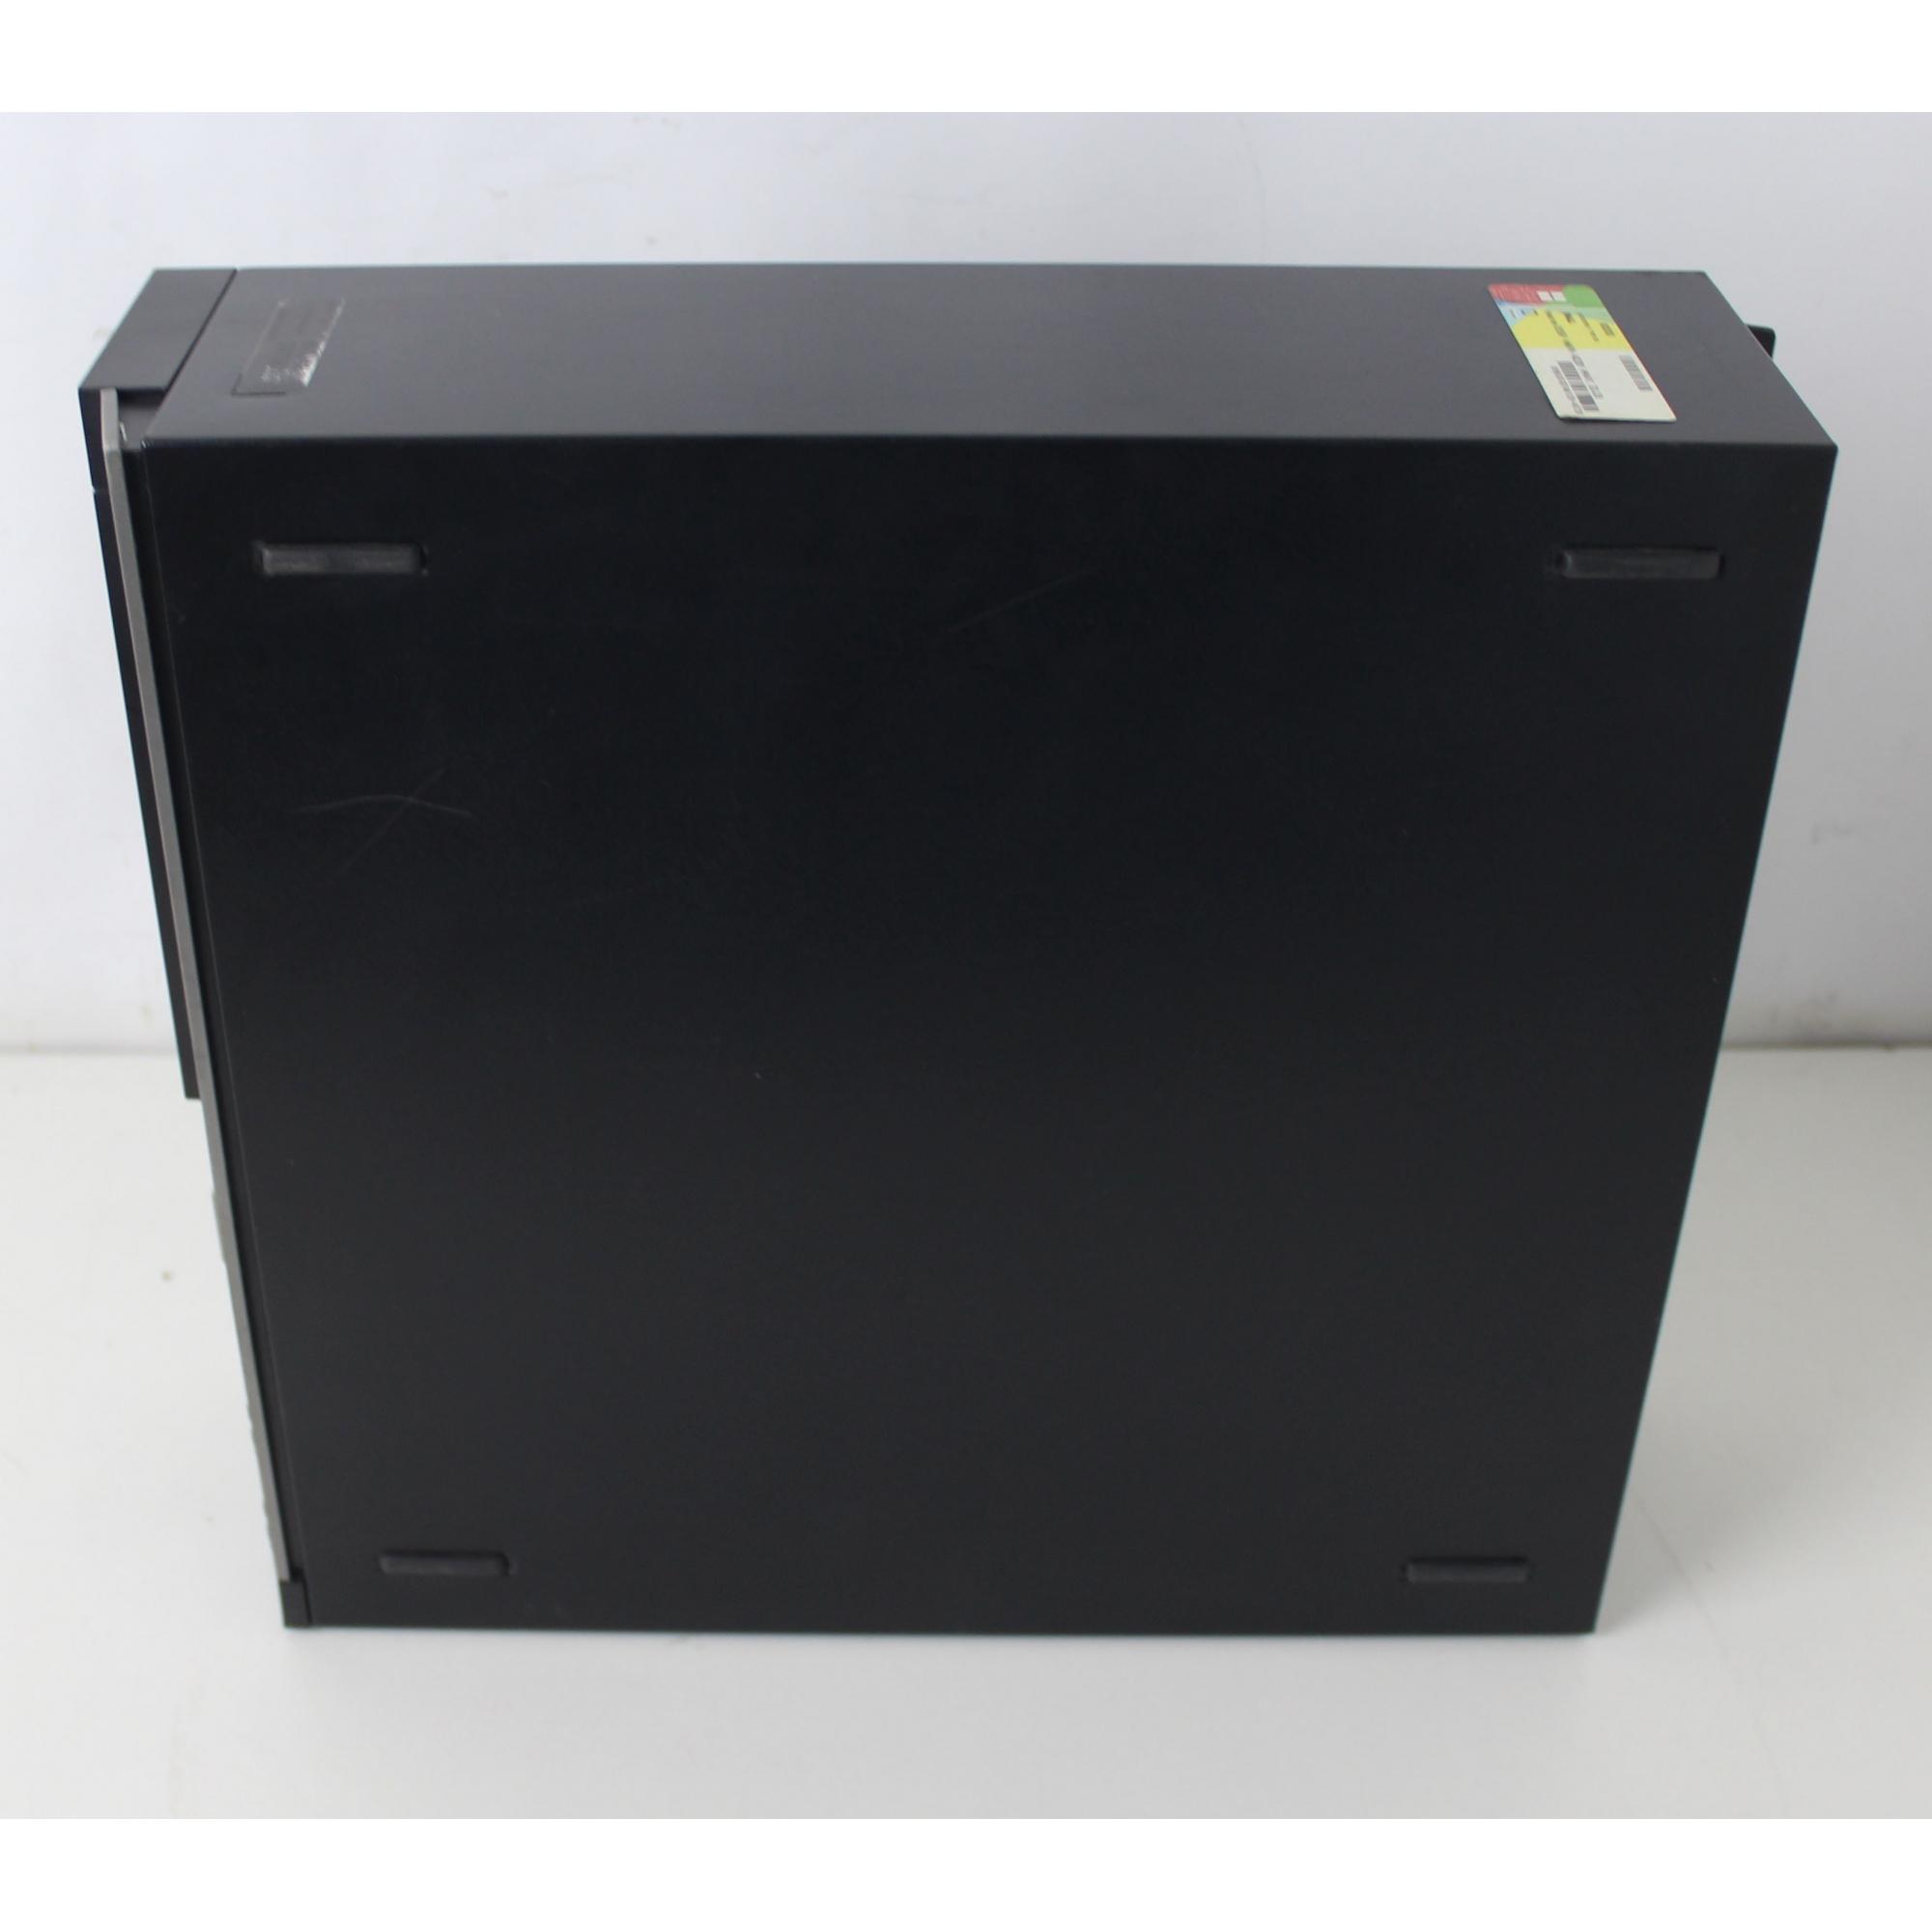 CPU Dell Optiplex 3020 I3 3.6GHz 4GB HD-500GB